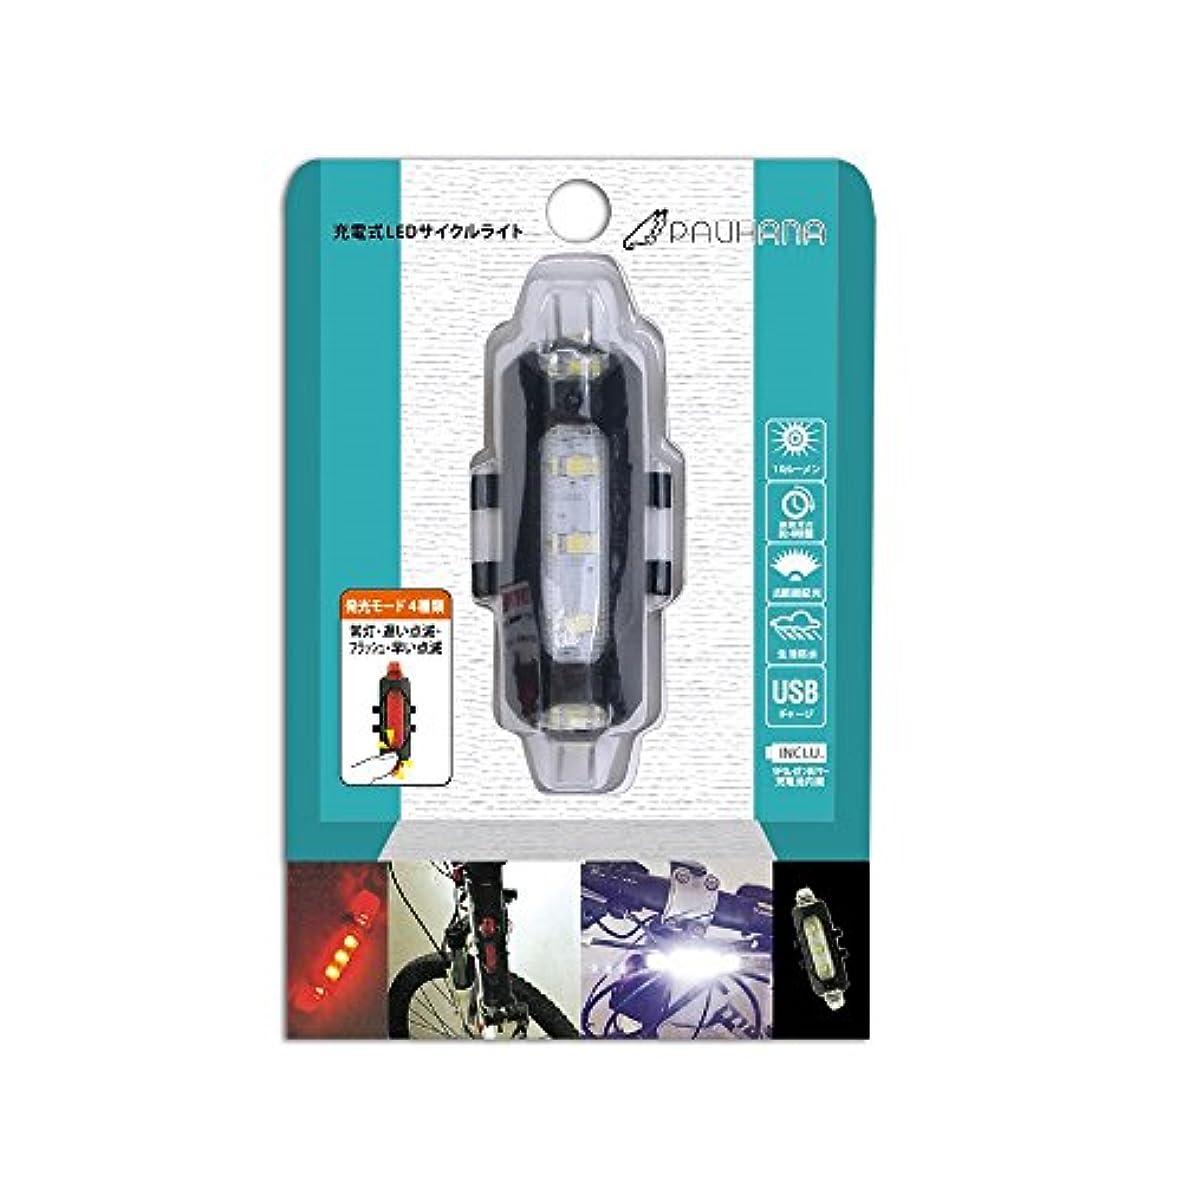 聖職者忌み嫌う可聴Pauhana(パウハナ) 充電式 LED サイクルライト ホワイト PH-JSLW ホワイト